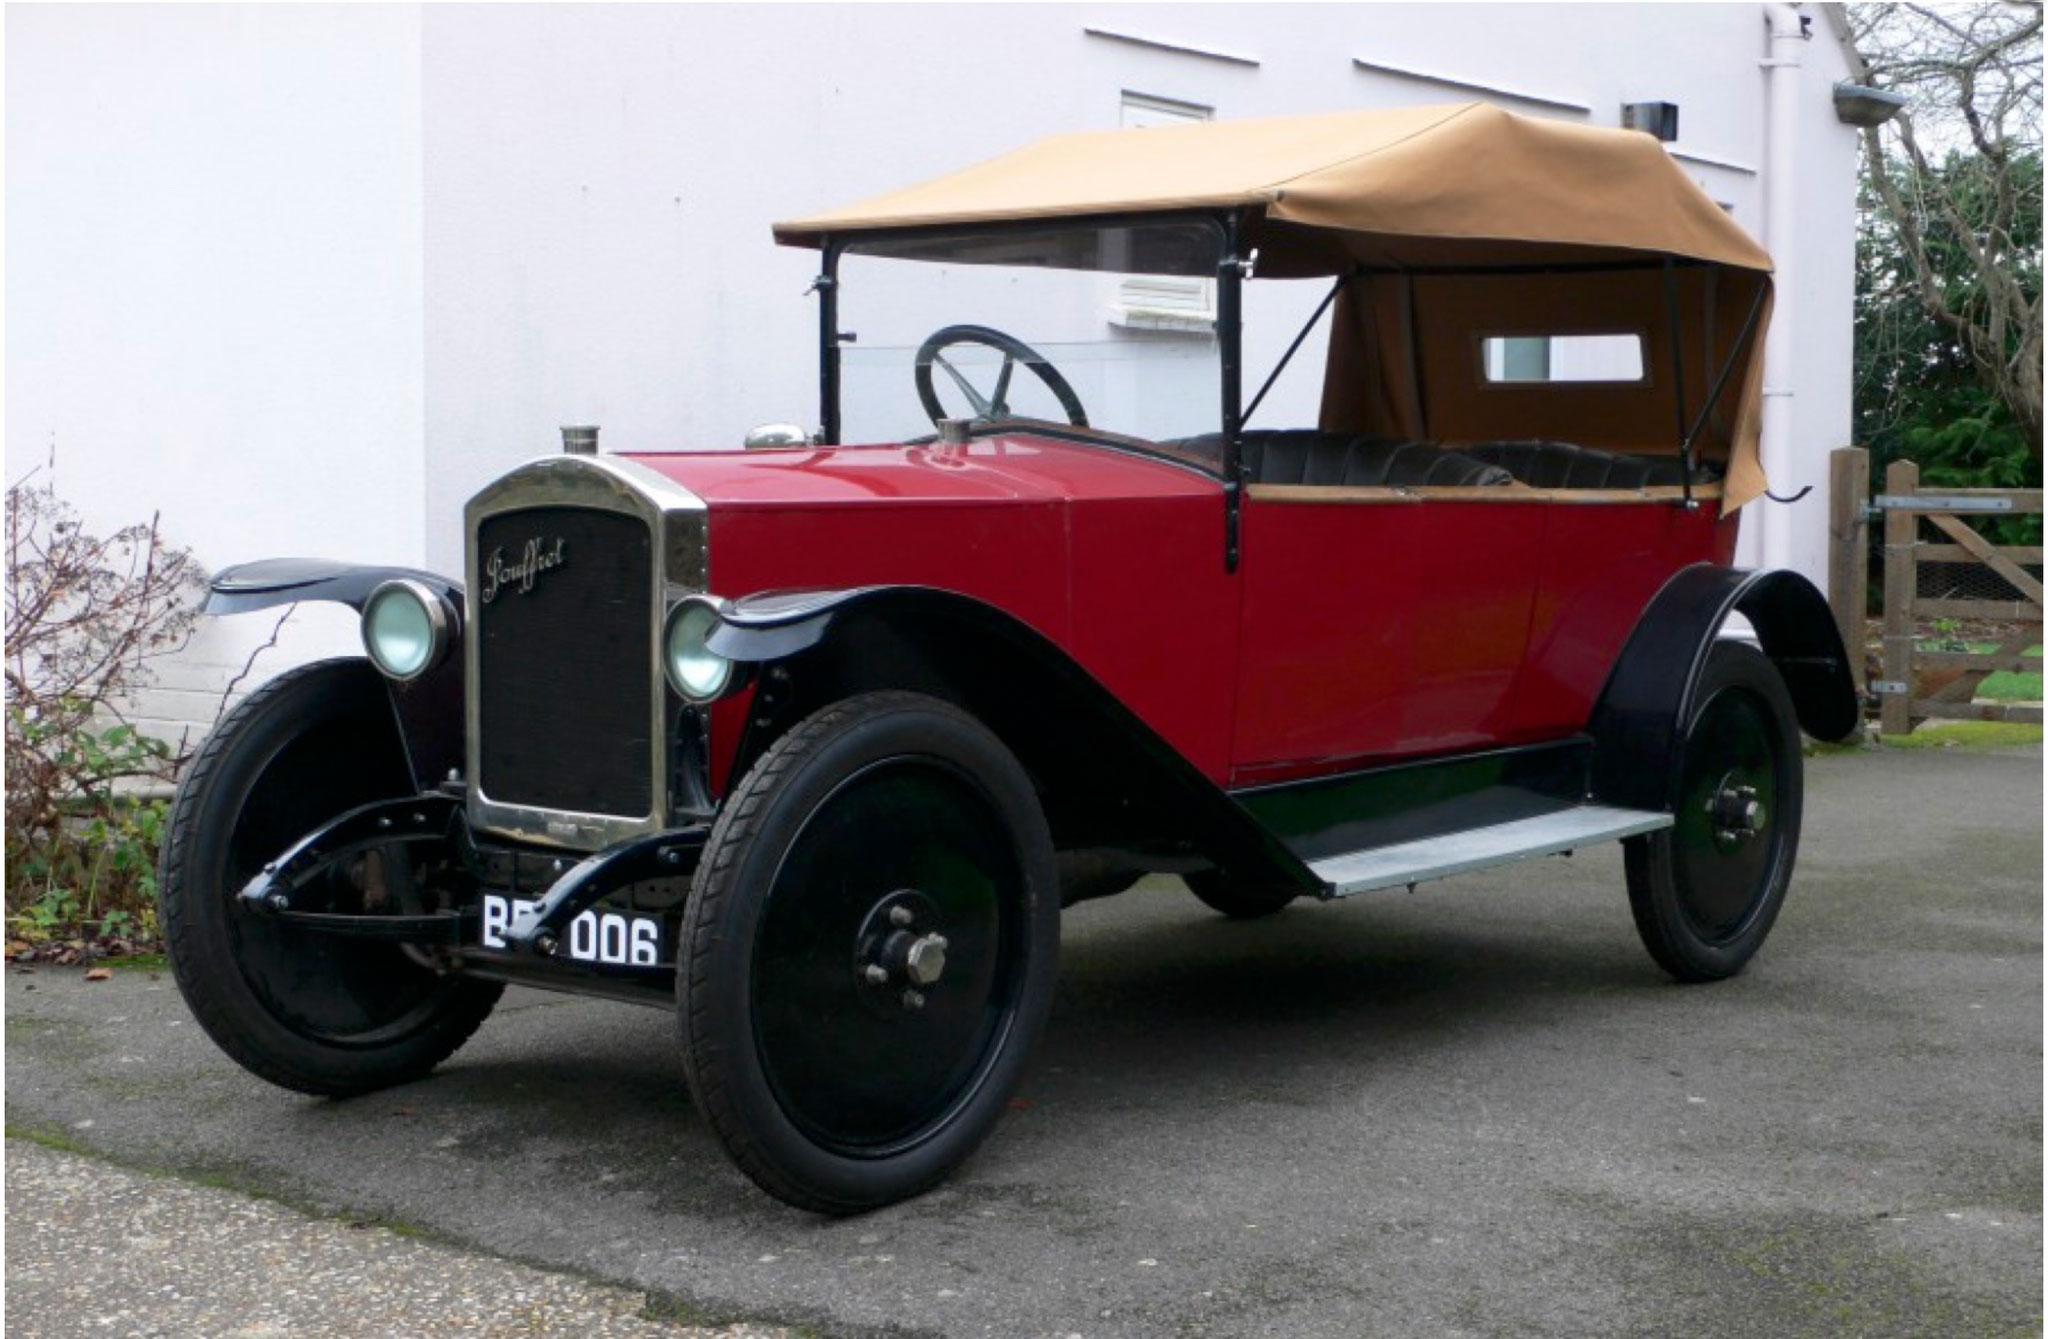 1921 Jouffret Four Seater Tourer seul survivant connu à ce jour.